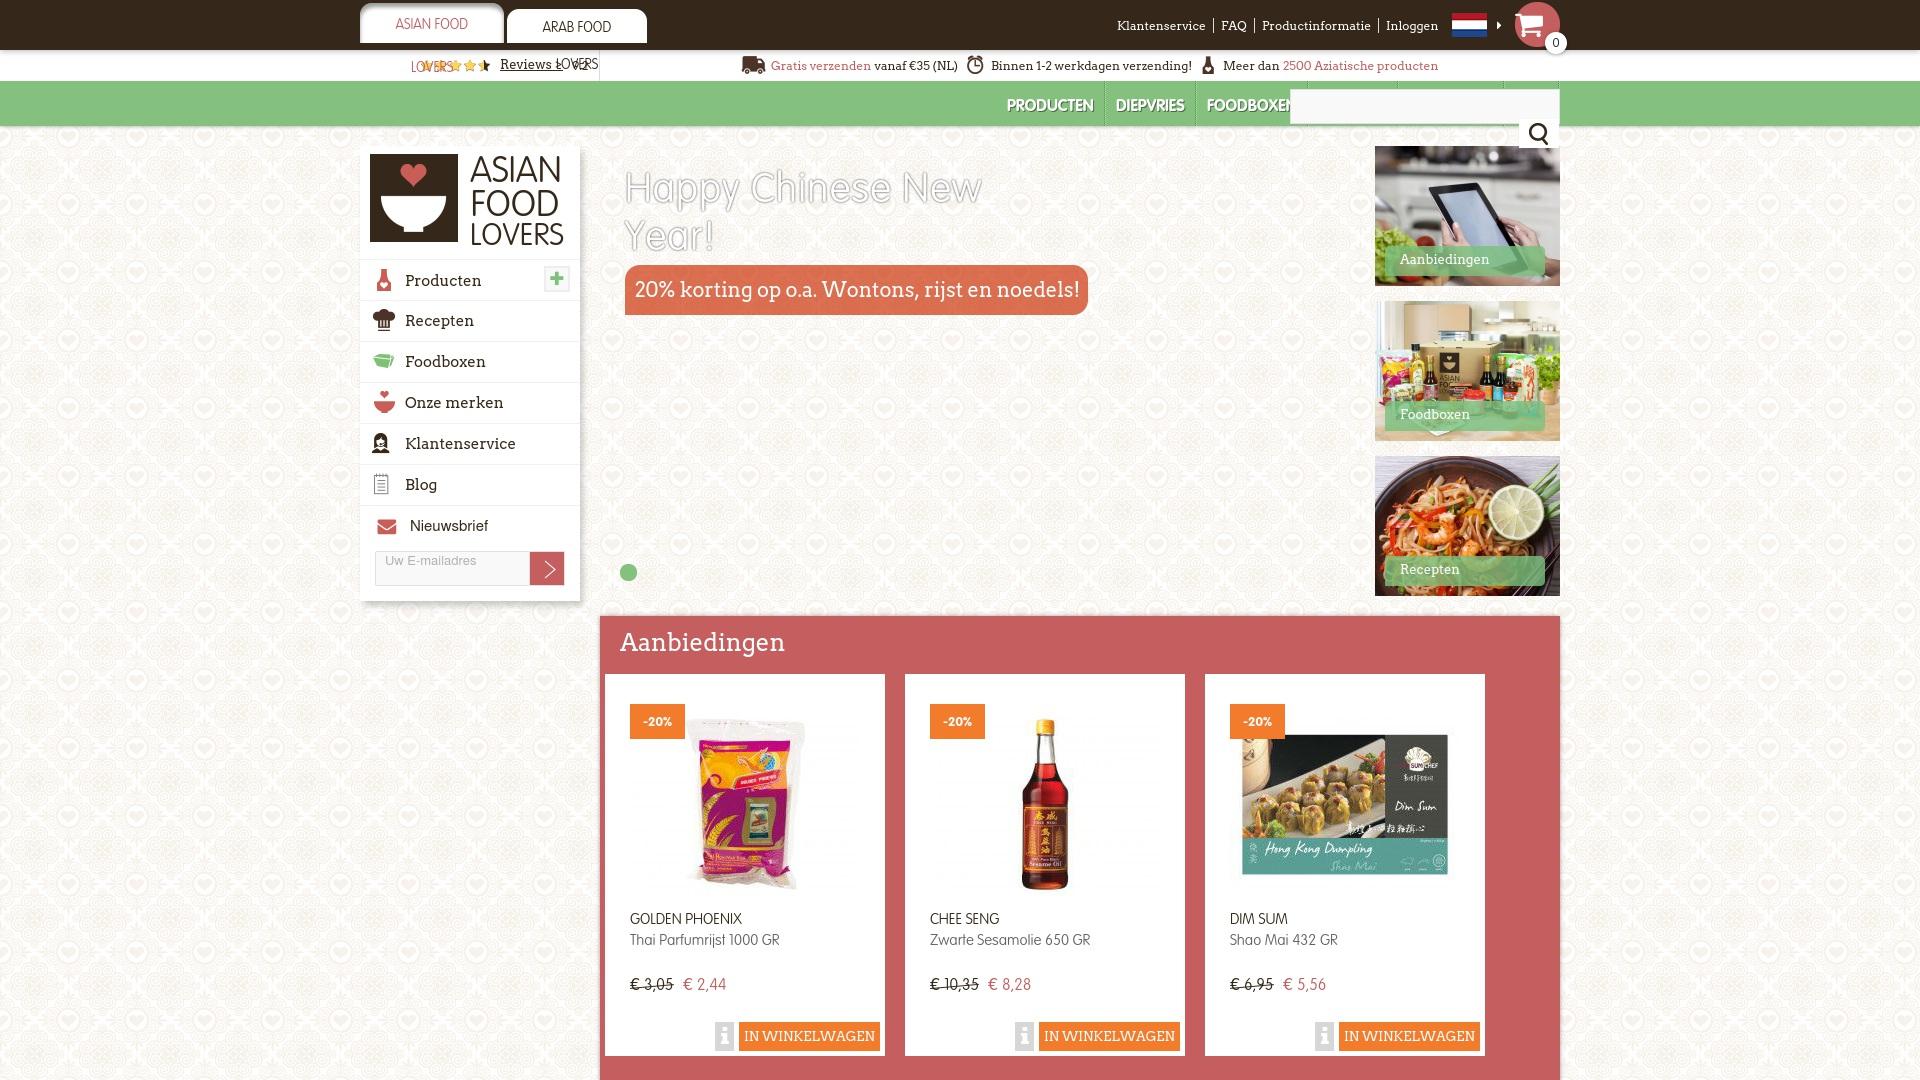 Gutschein für Asianfoodlovers: Rabatte für  Asianfoodlovers sichern